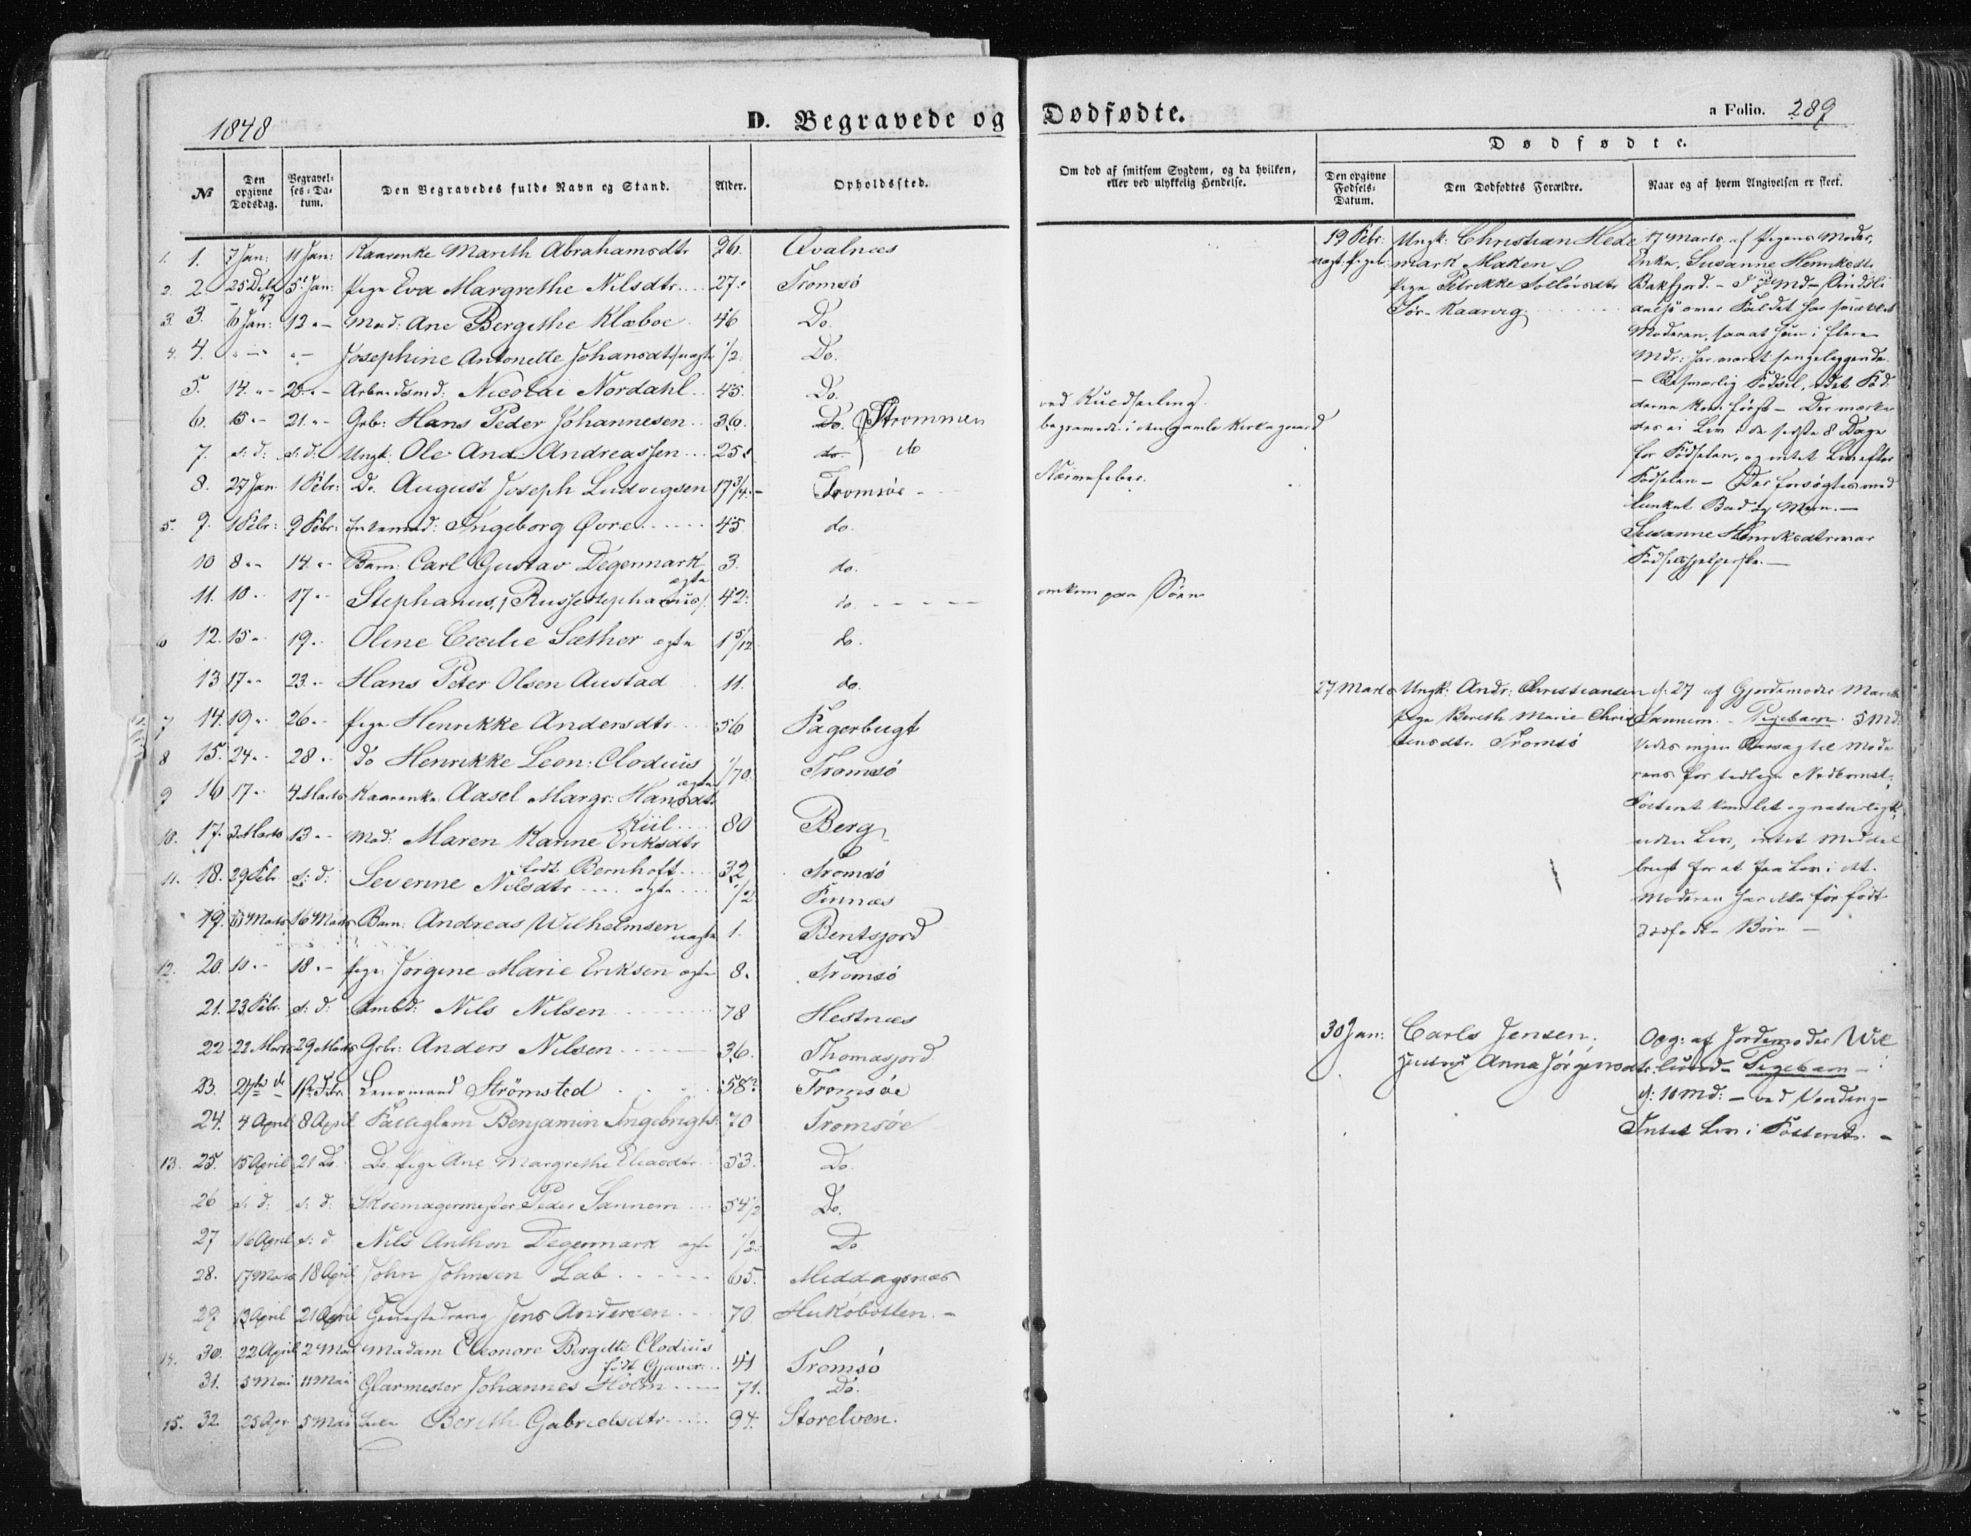 SATØ, Tromsø sokneprestkontor/stiftsprosti/domprosti, G/Ga/L0010kirke: Ministerialbok nr. 10, 1848-1855, s. 289